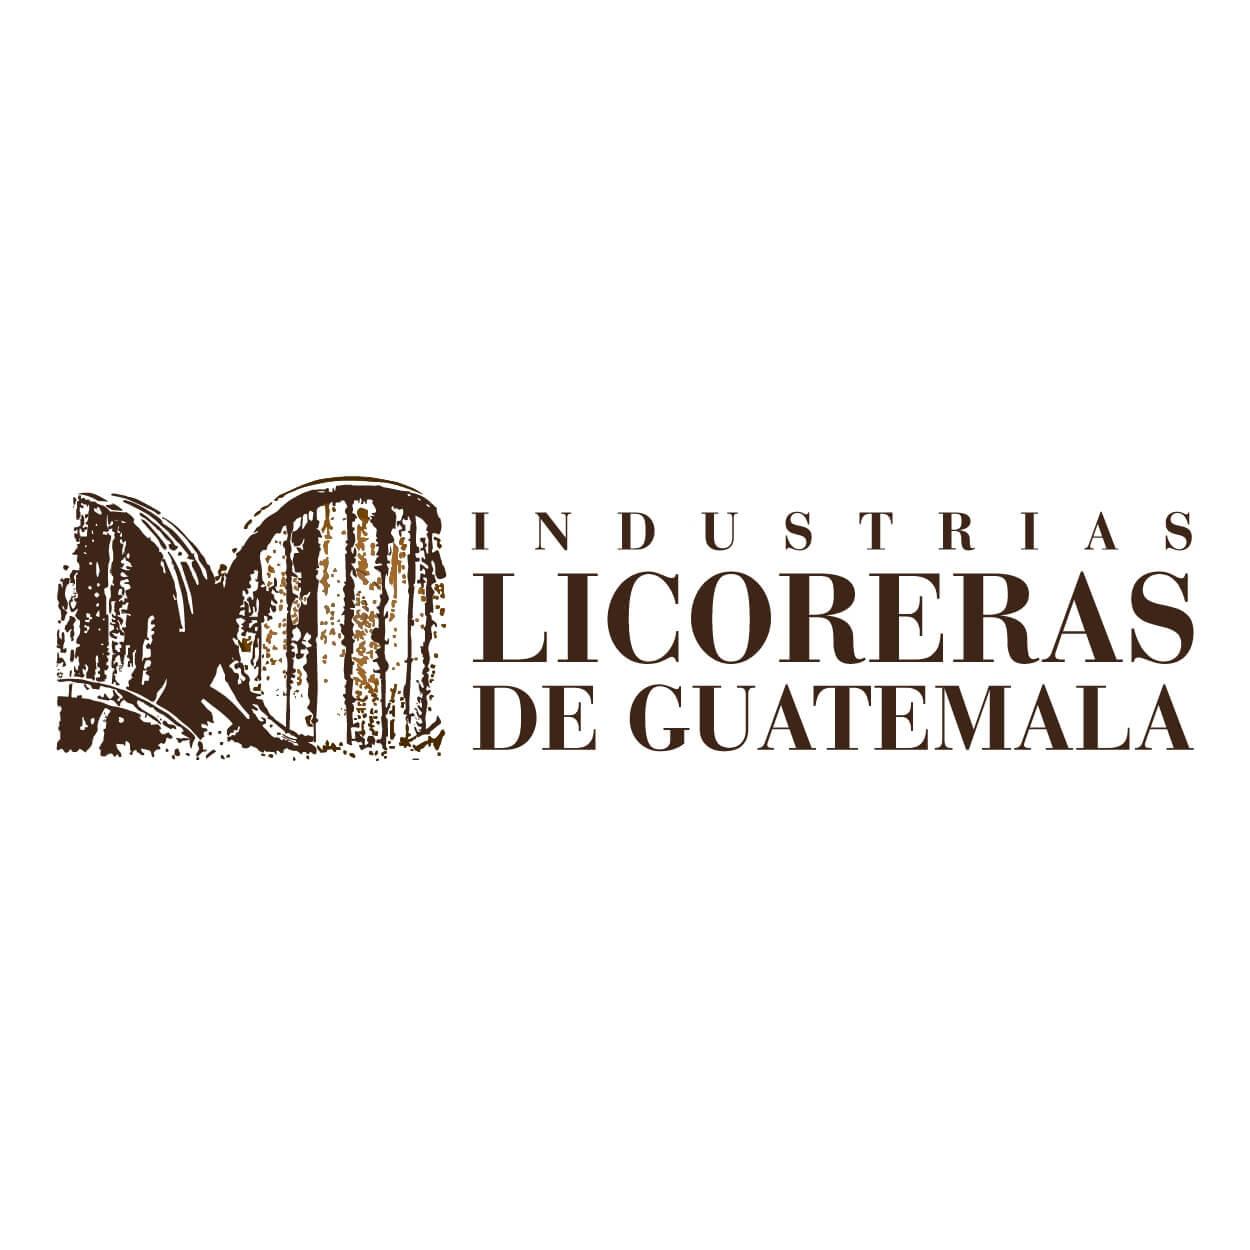 Industrias Licoreras de Guatemala